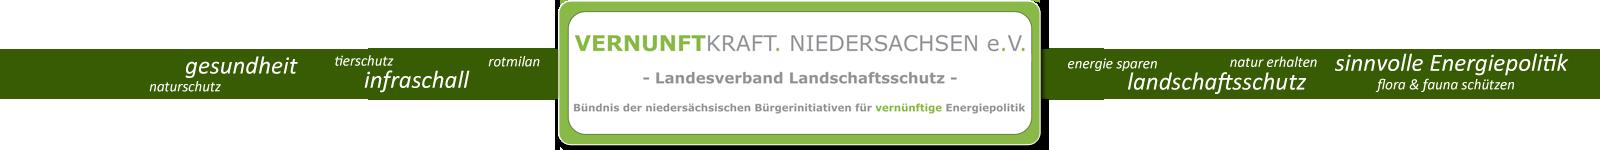 http://www.vernunftkraft-niedersachsen.de/images/logo.png